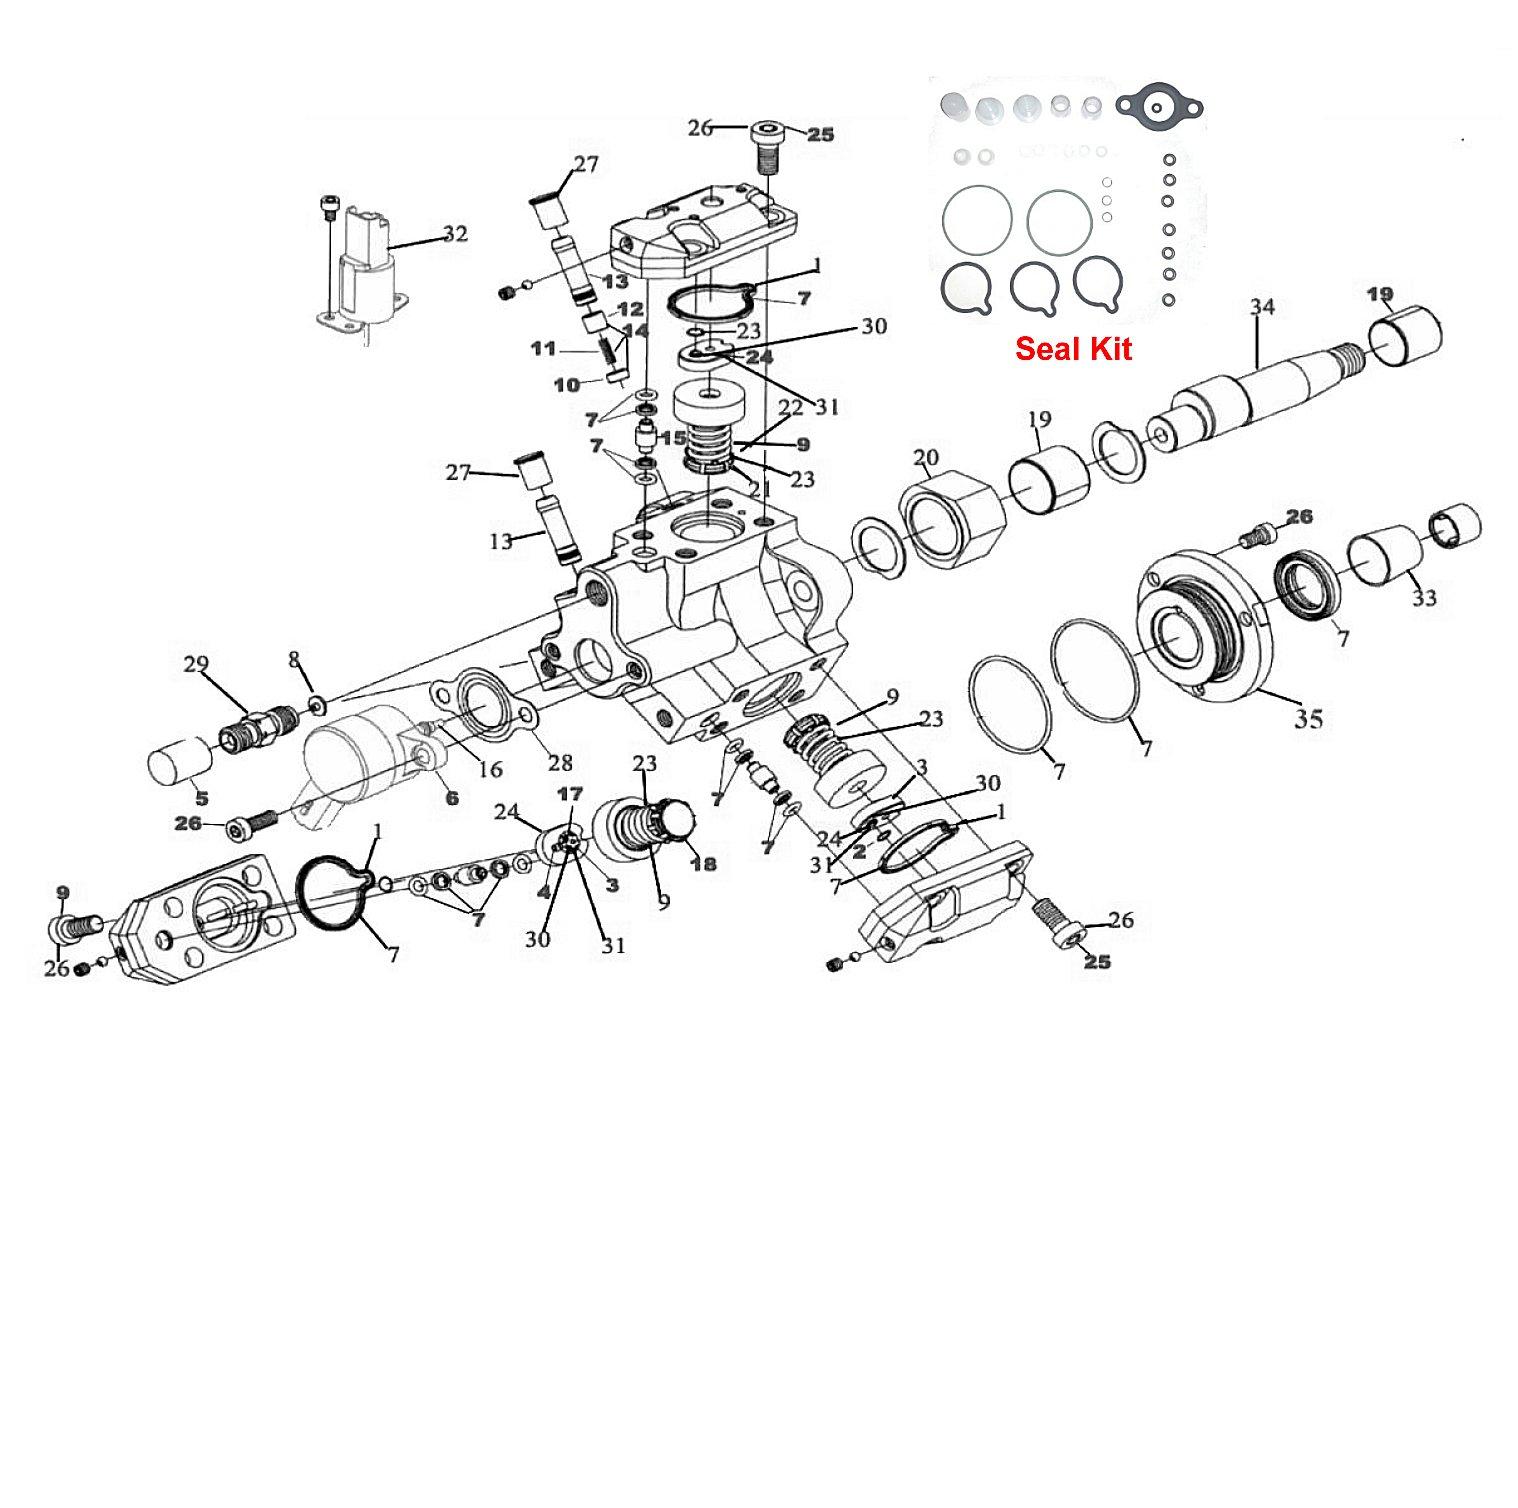 Bosch Cp1 Interactive Parts Diagram